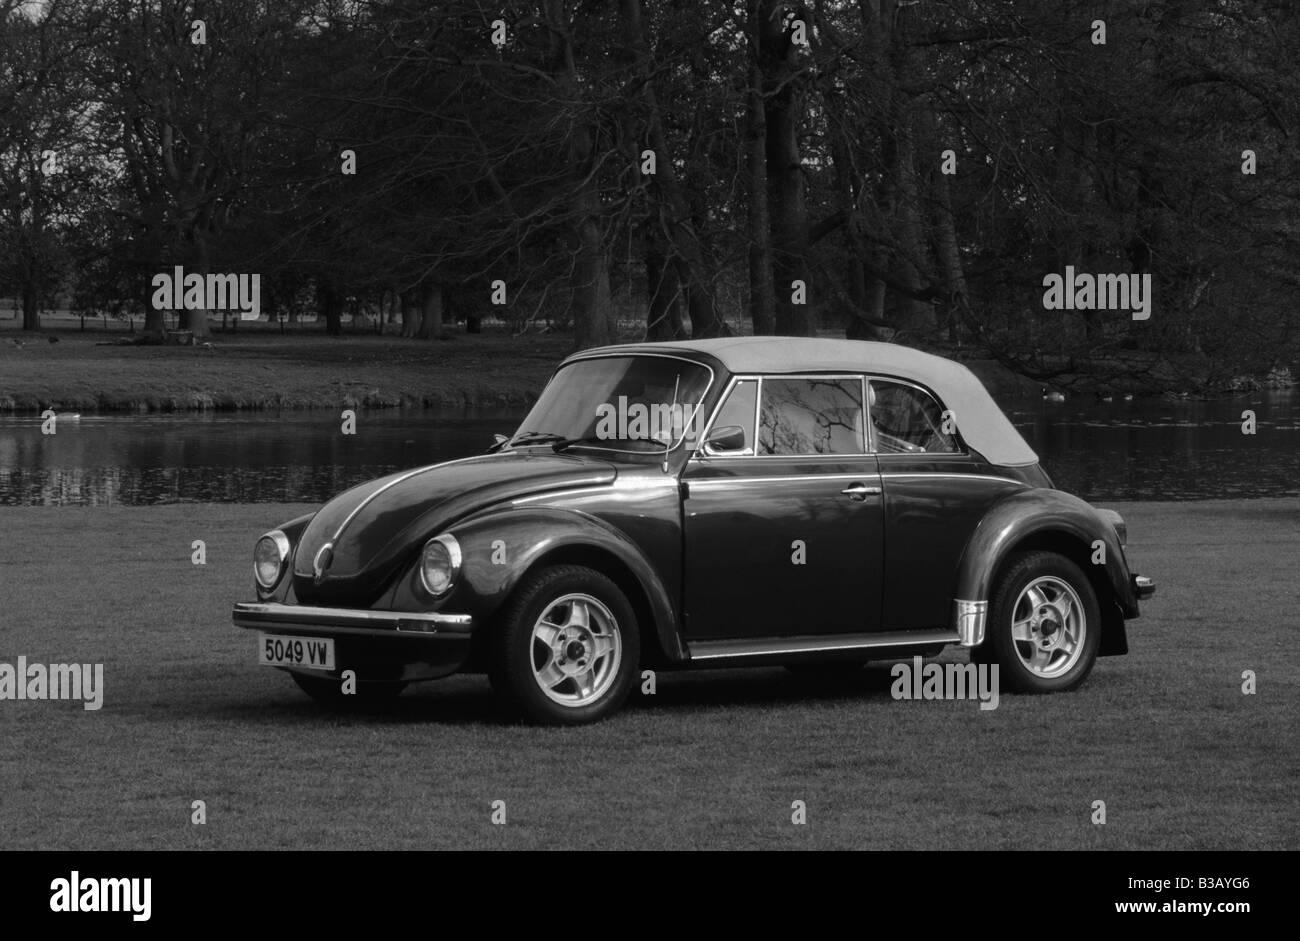 Volkswagen Beetle 1303 Cabriolet. - Stock Image